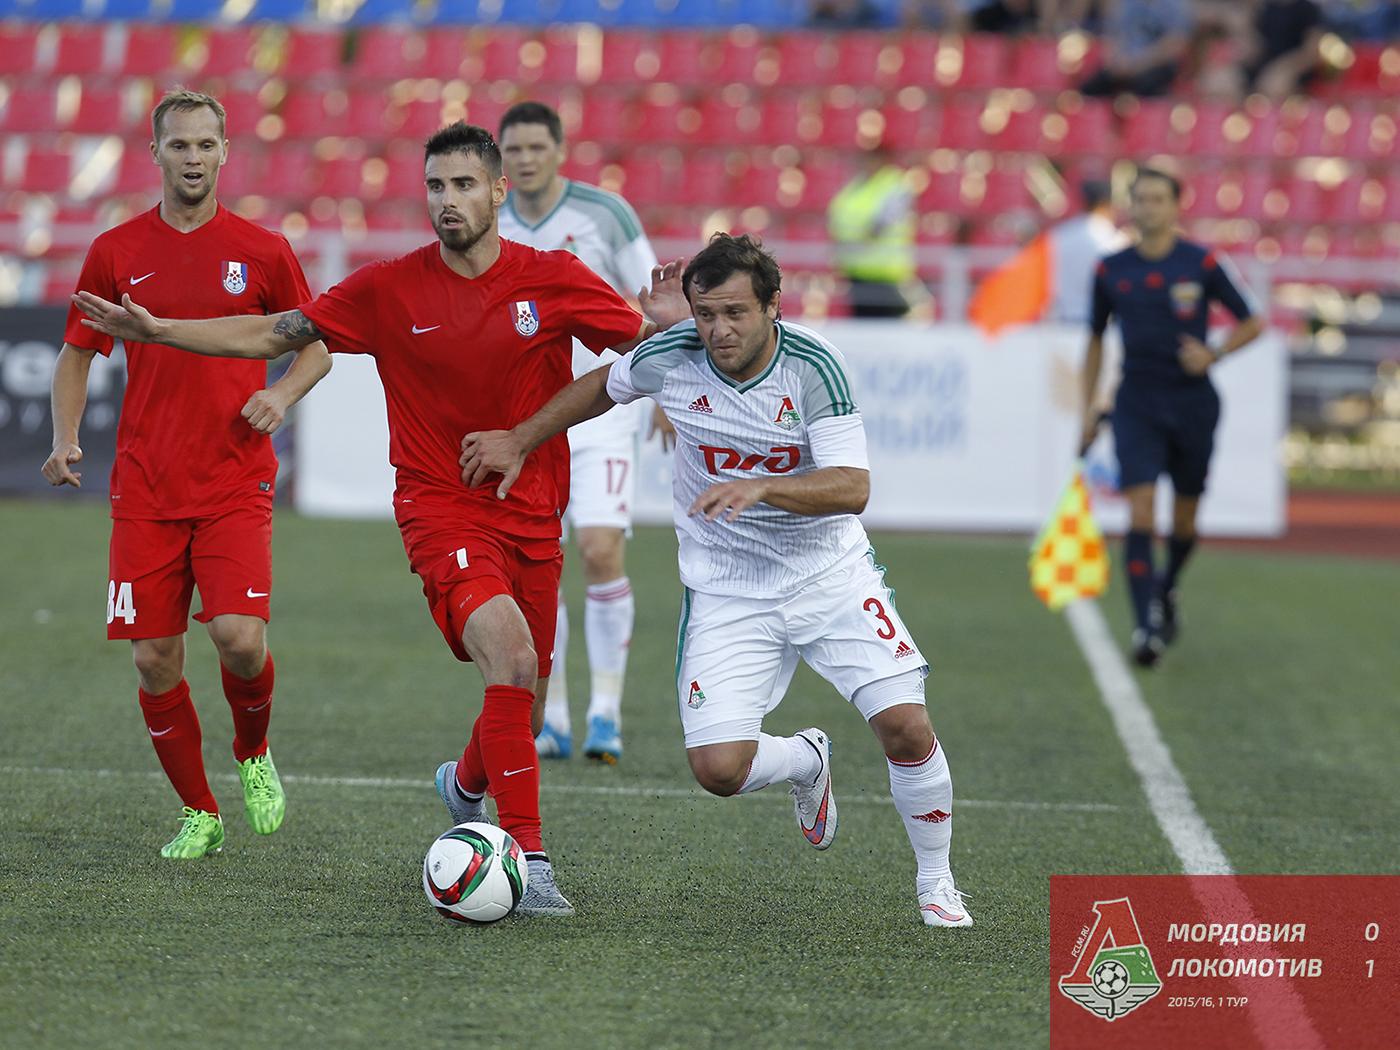 «Мордовия» - «Локомотив» - 0:1